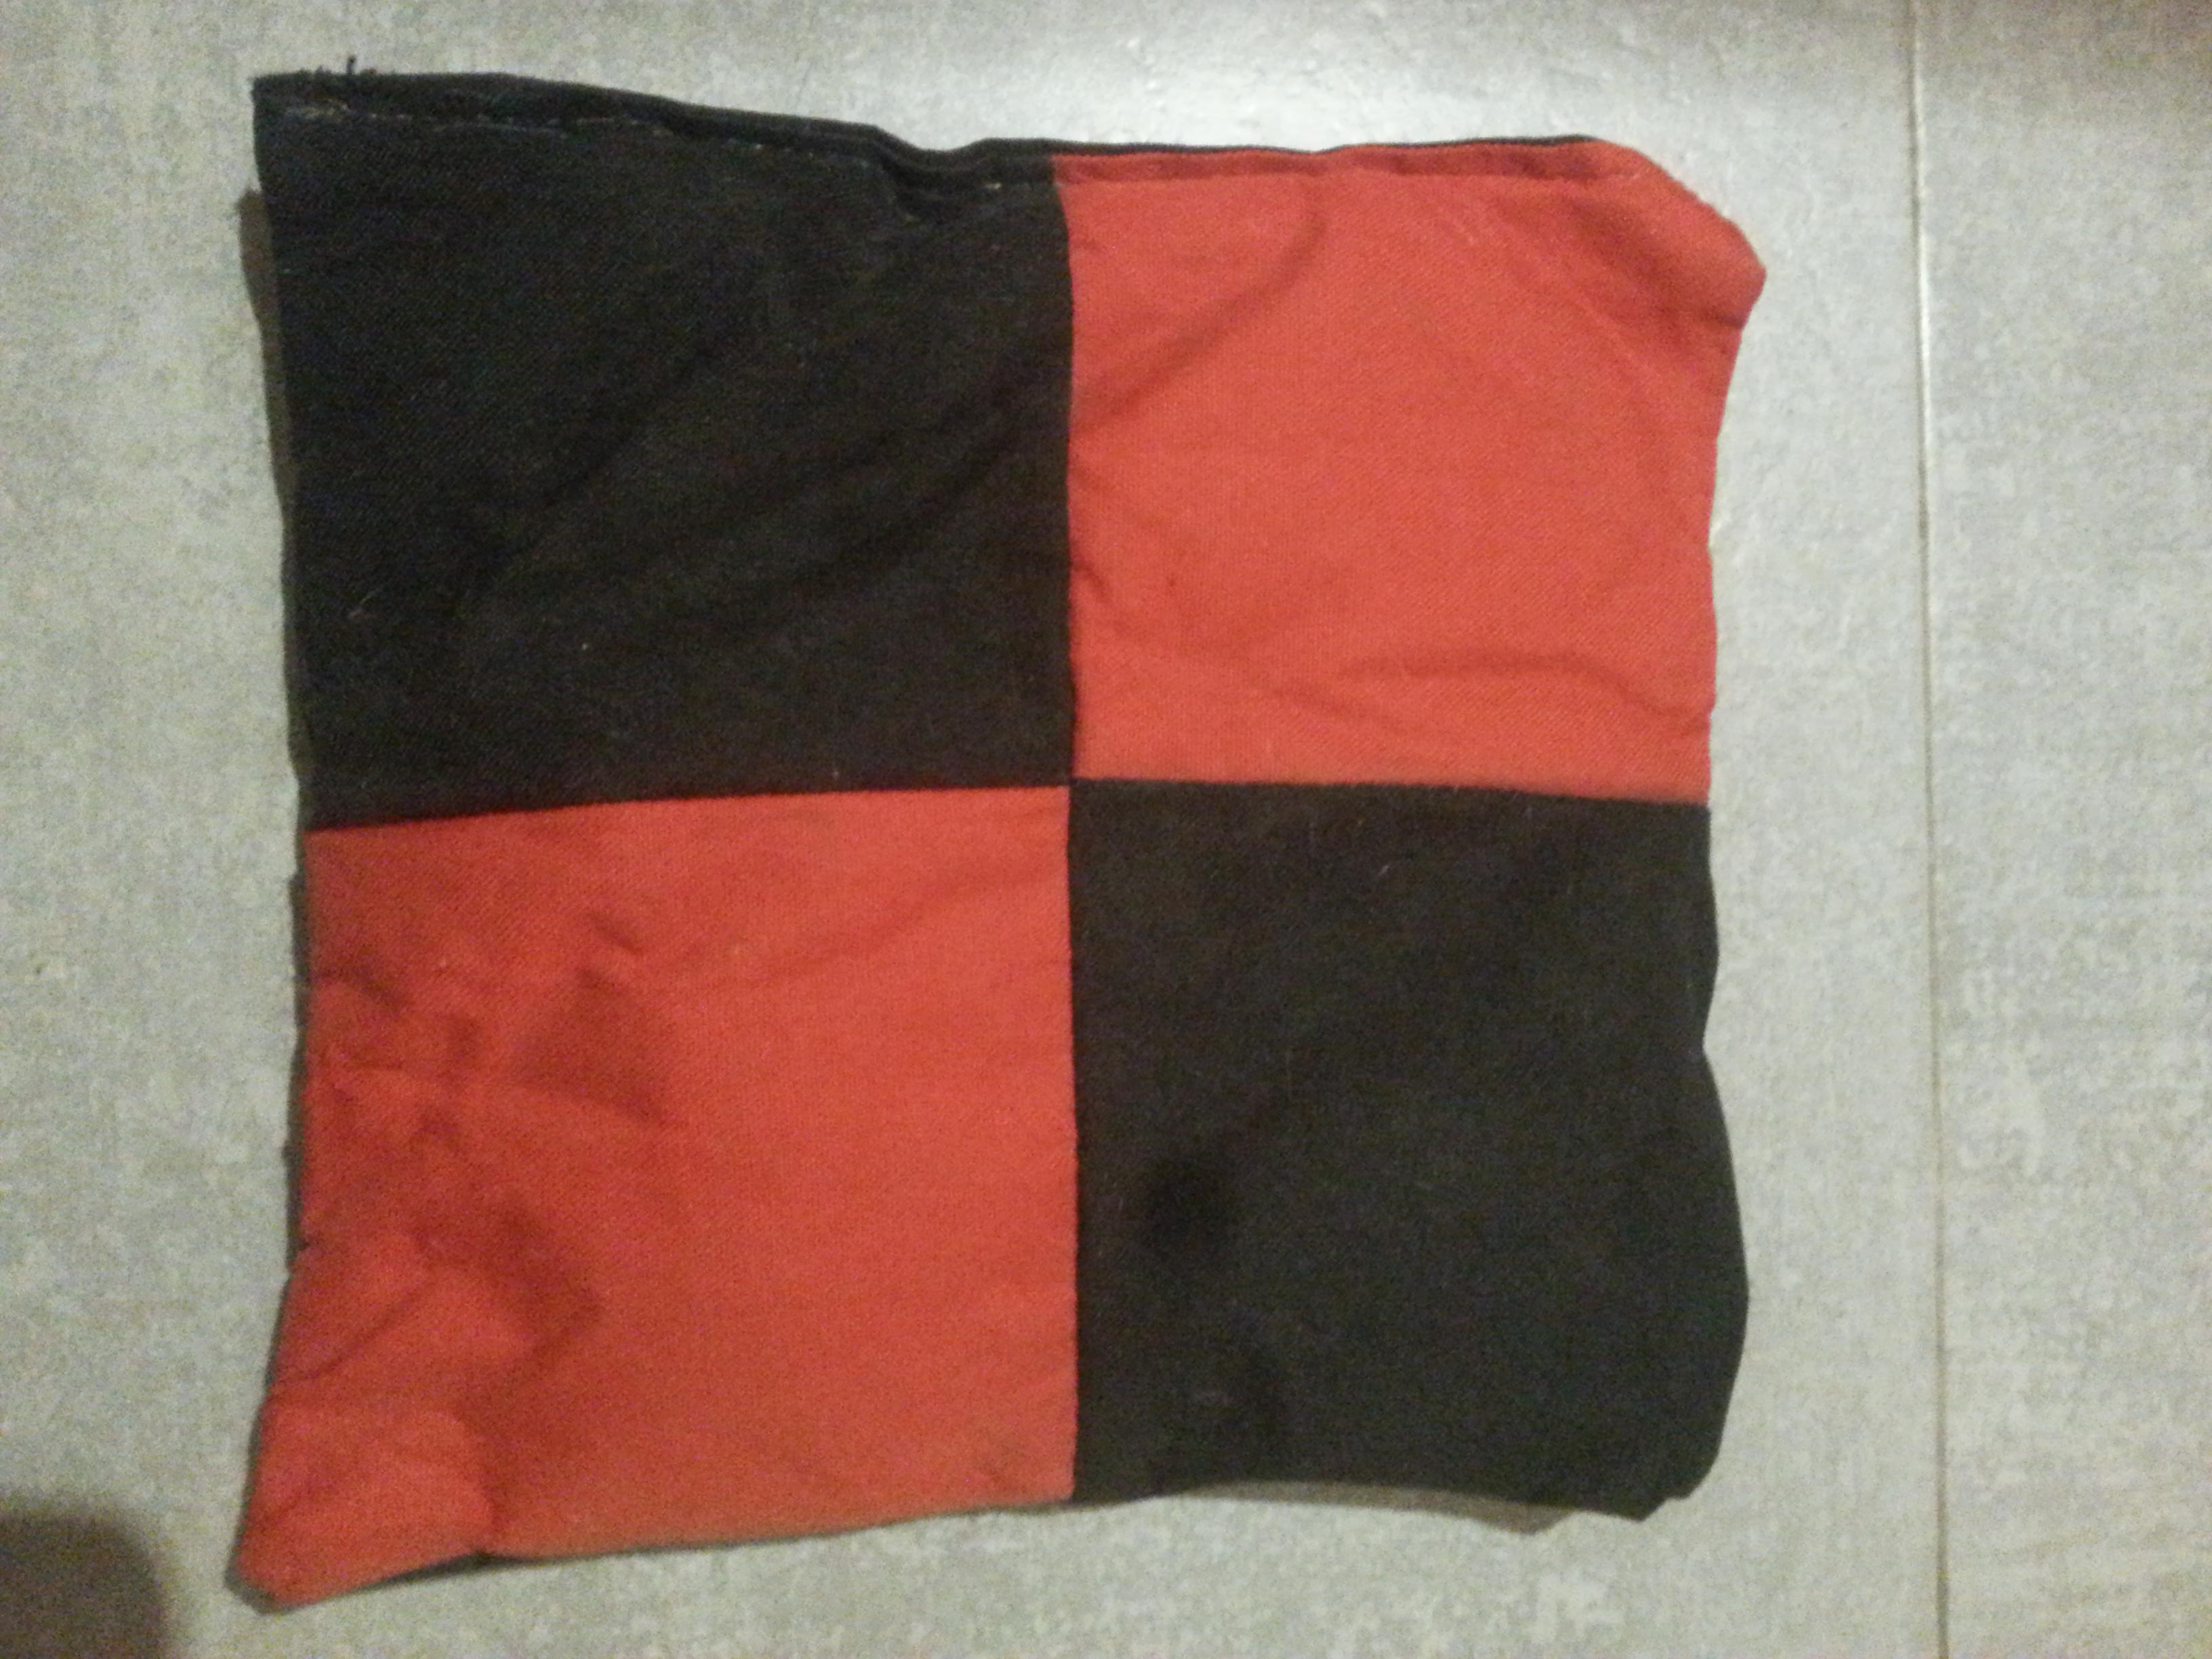 troc de troc coussin rouge et noir image 0